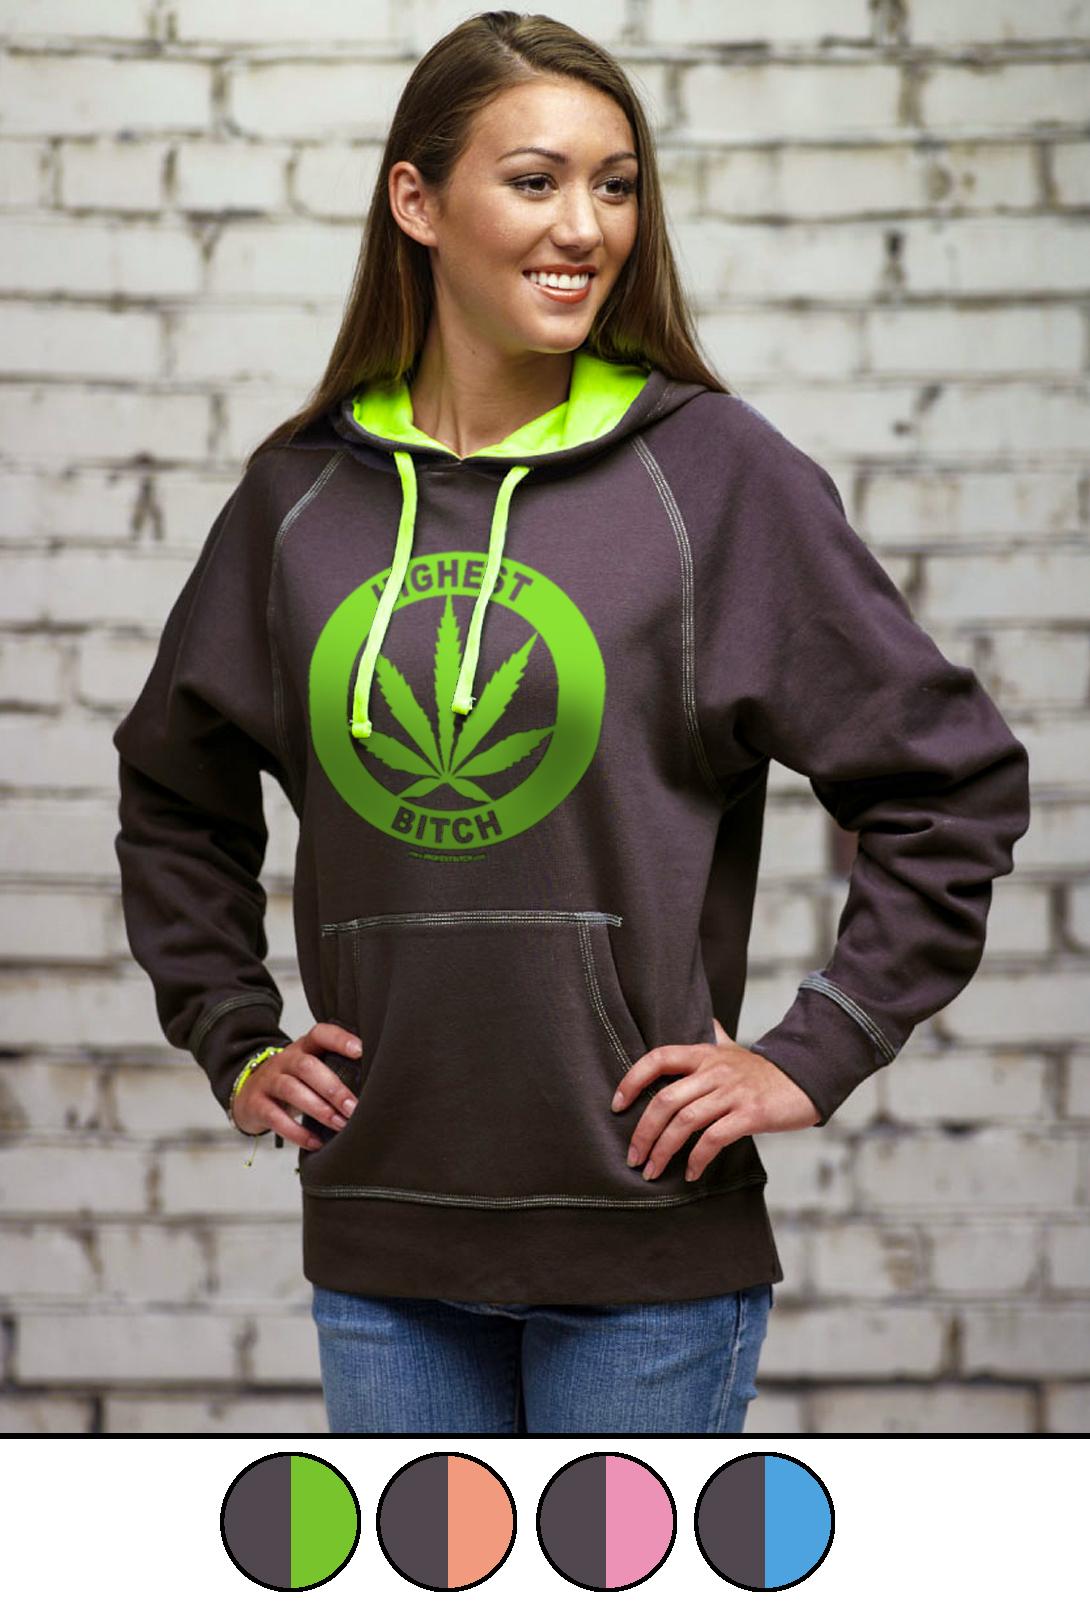 highest bitch_hoodie_neon contrast